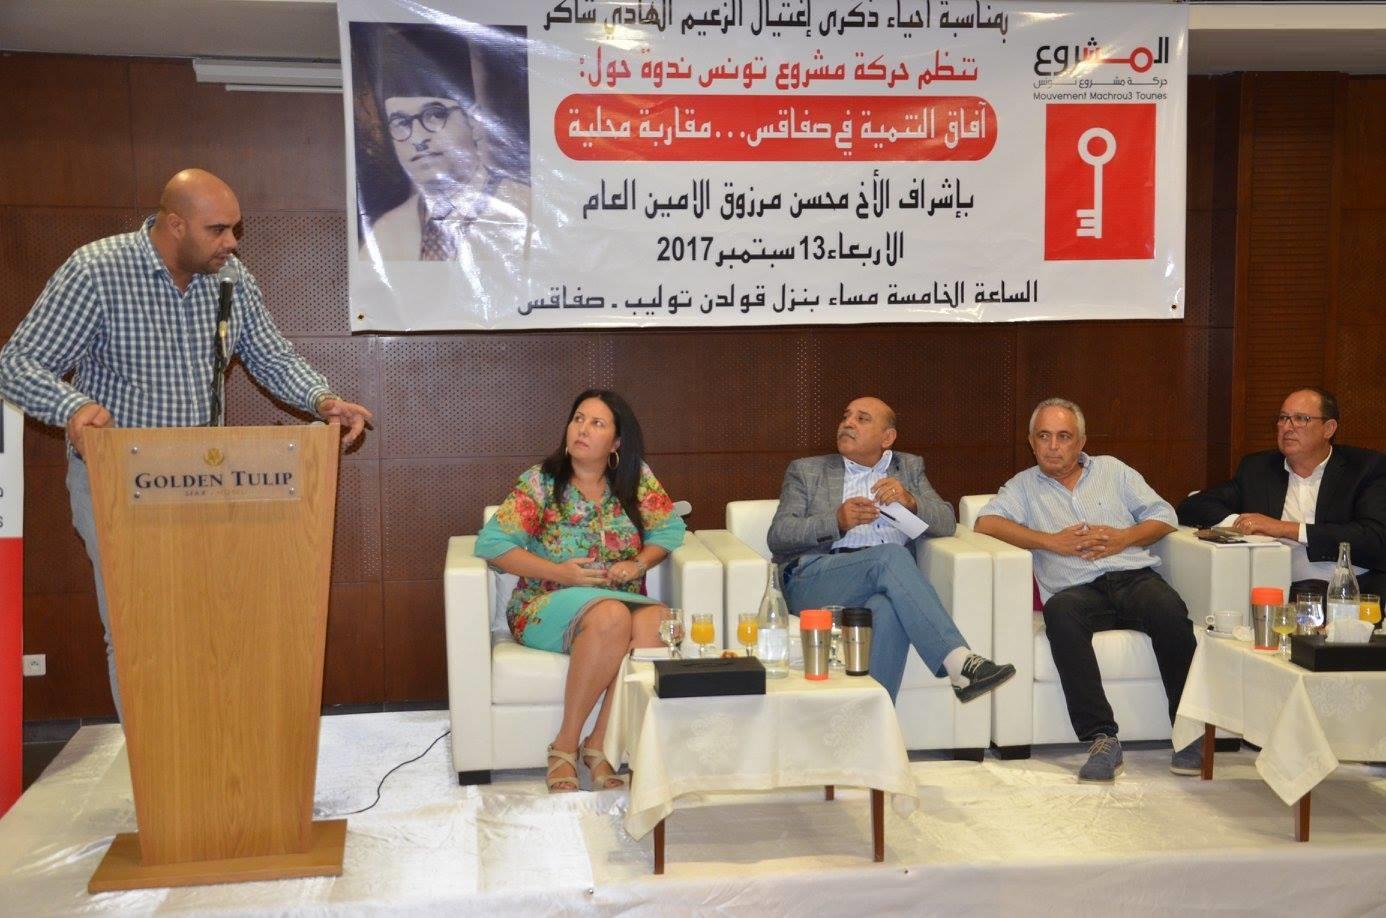 معهد السياسات العامة لحركة مشروع تونس ينظم ندوة بعنوان أفاق التنمية بصفاقس: مقاربة محلية